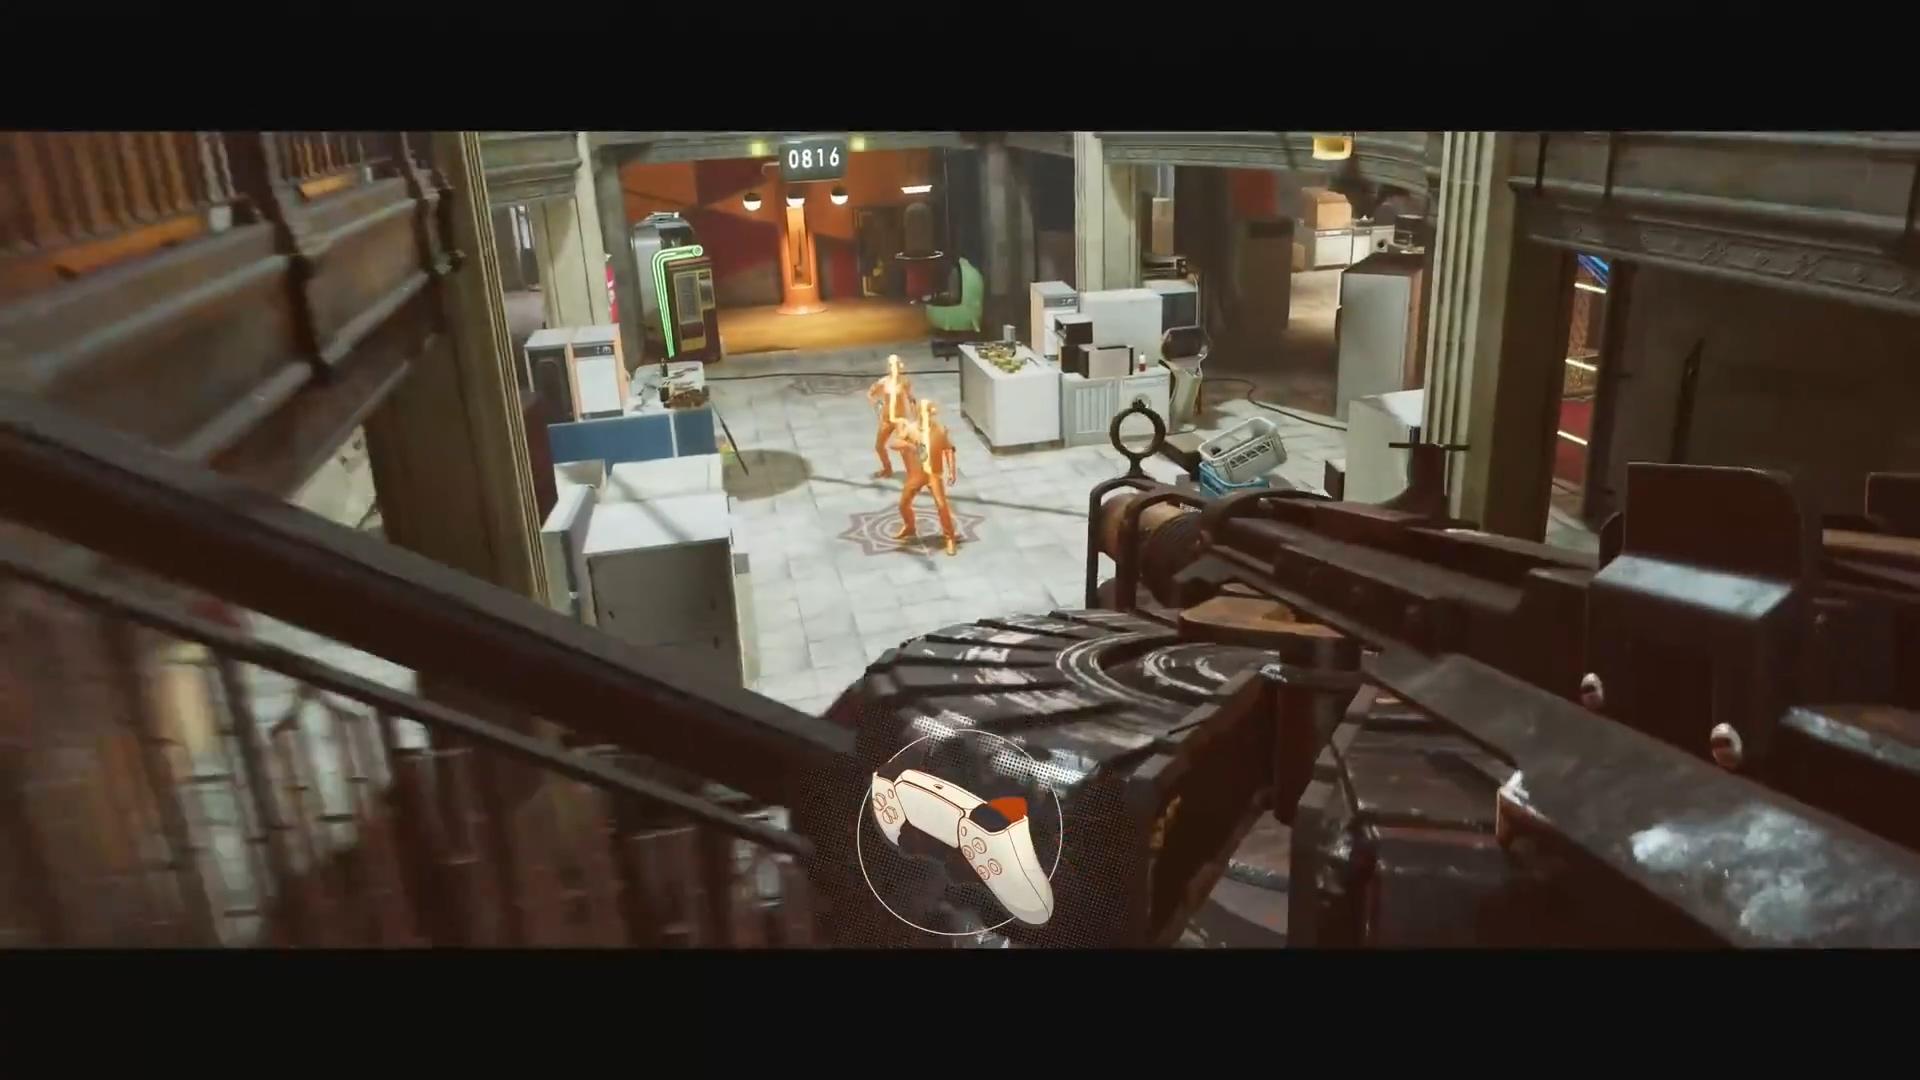 《死亡循环》DualSense沉浸感预告 每一枪都很真实